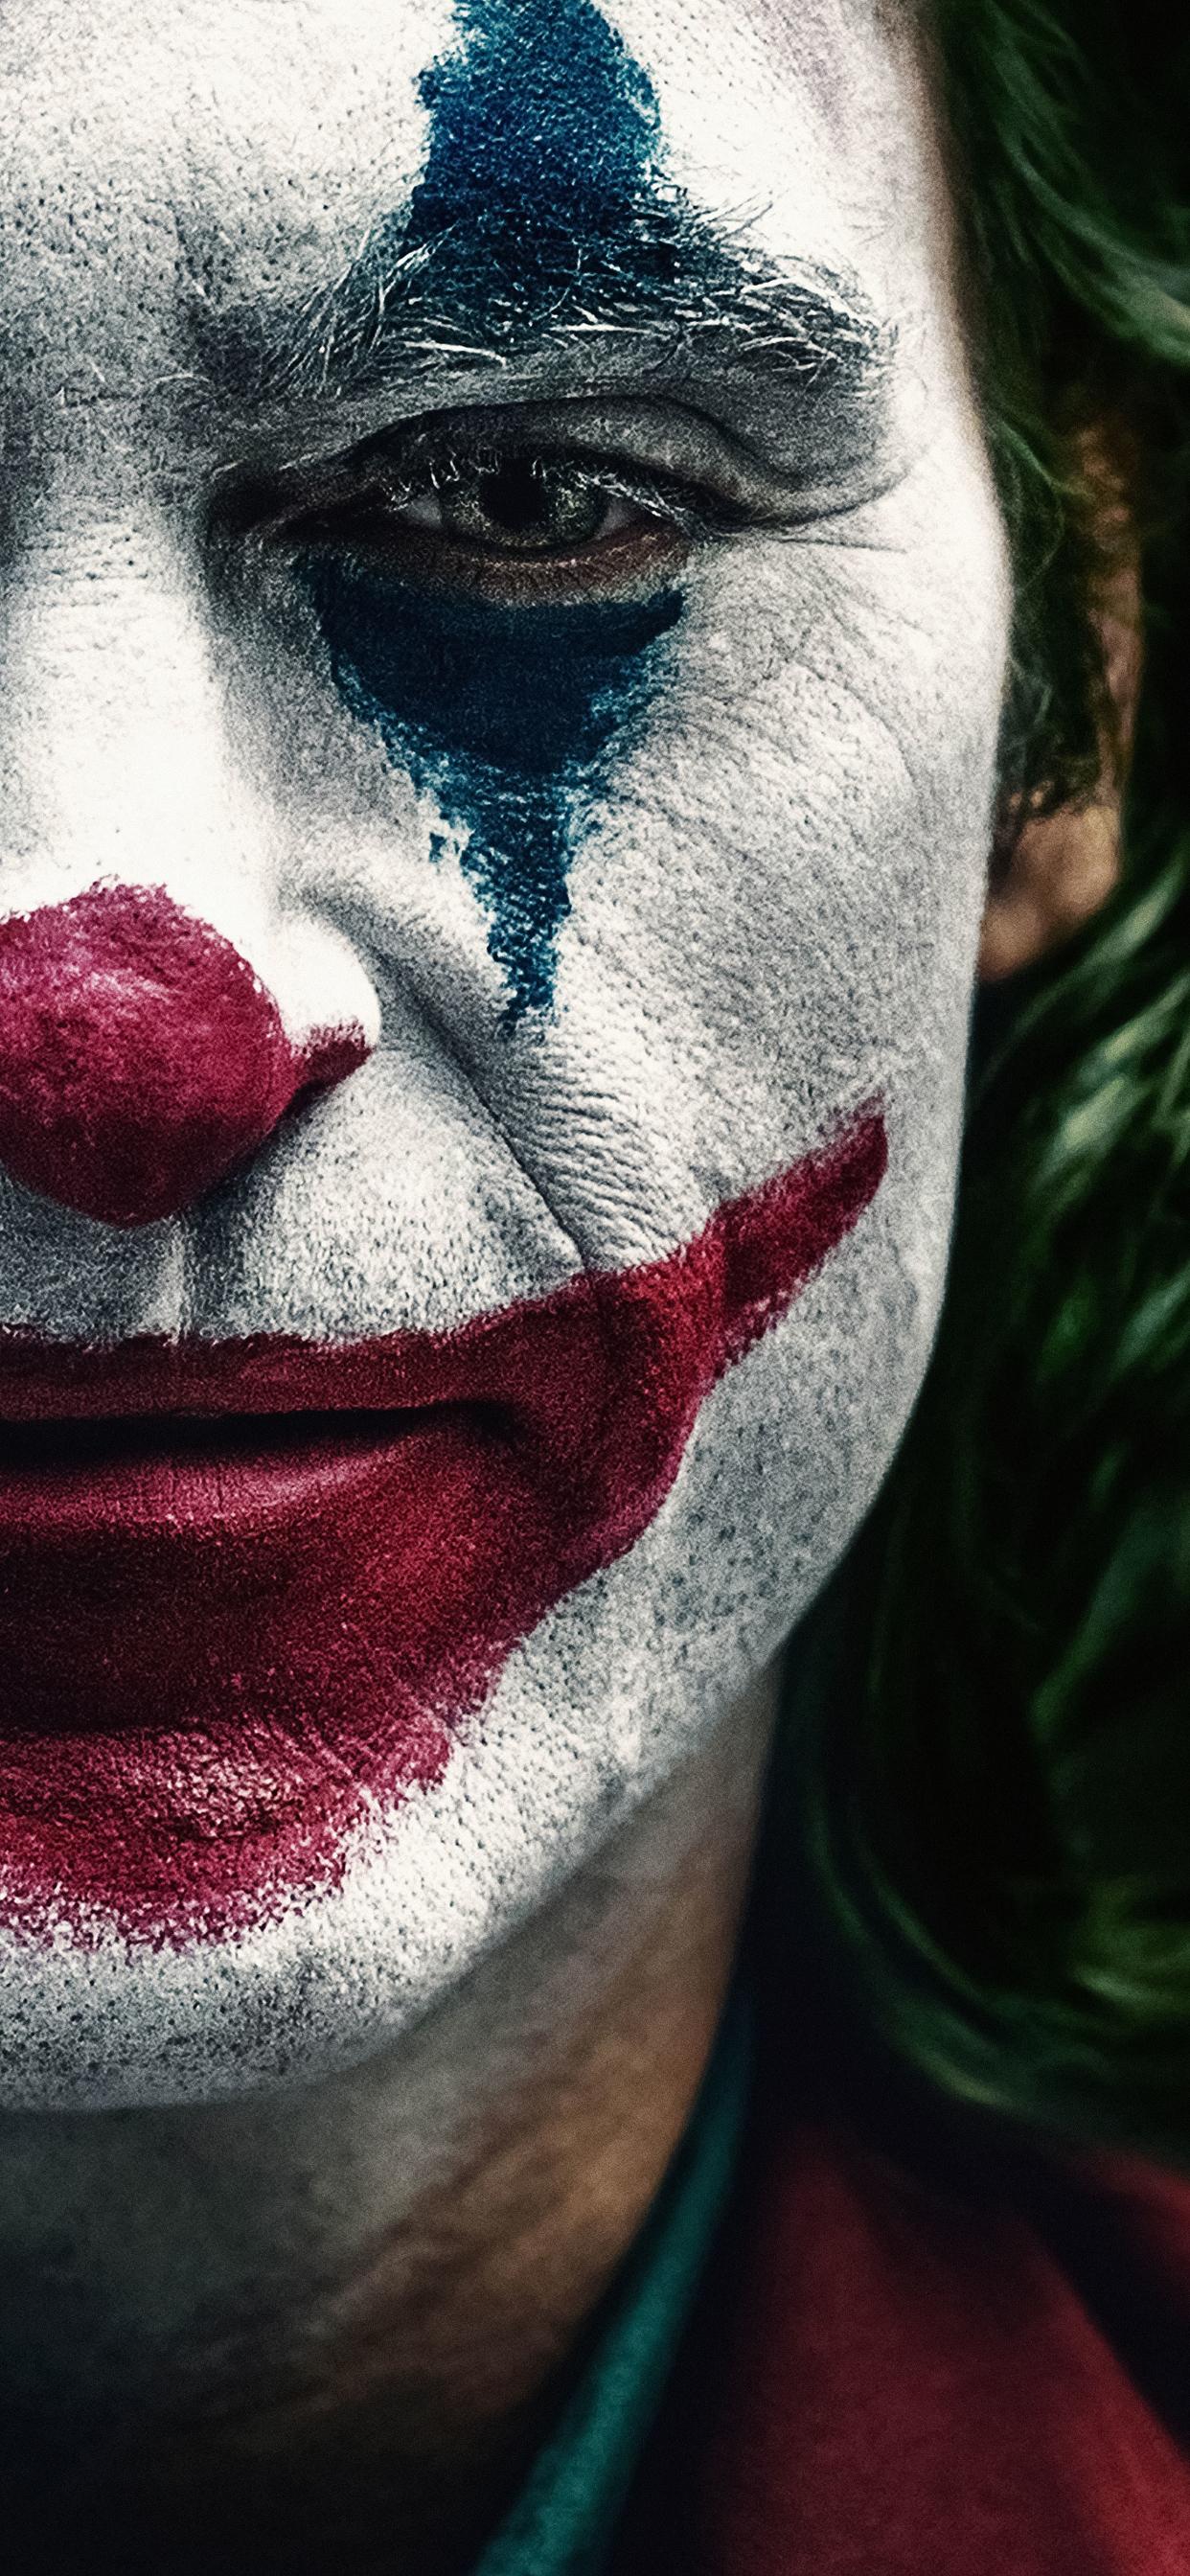 1242x2688 Joker 2019 Iphone Xs Max Wallpaper Hd Movies 4k